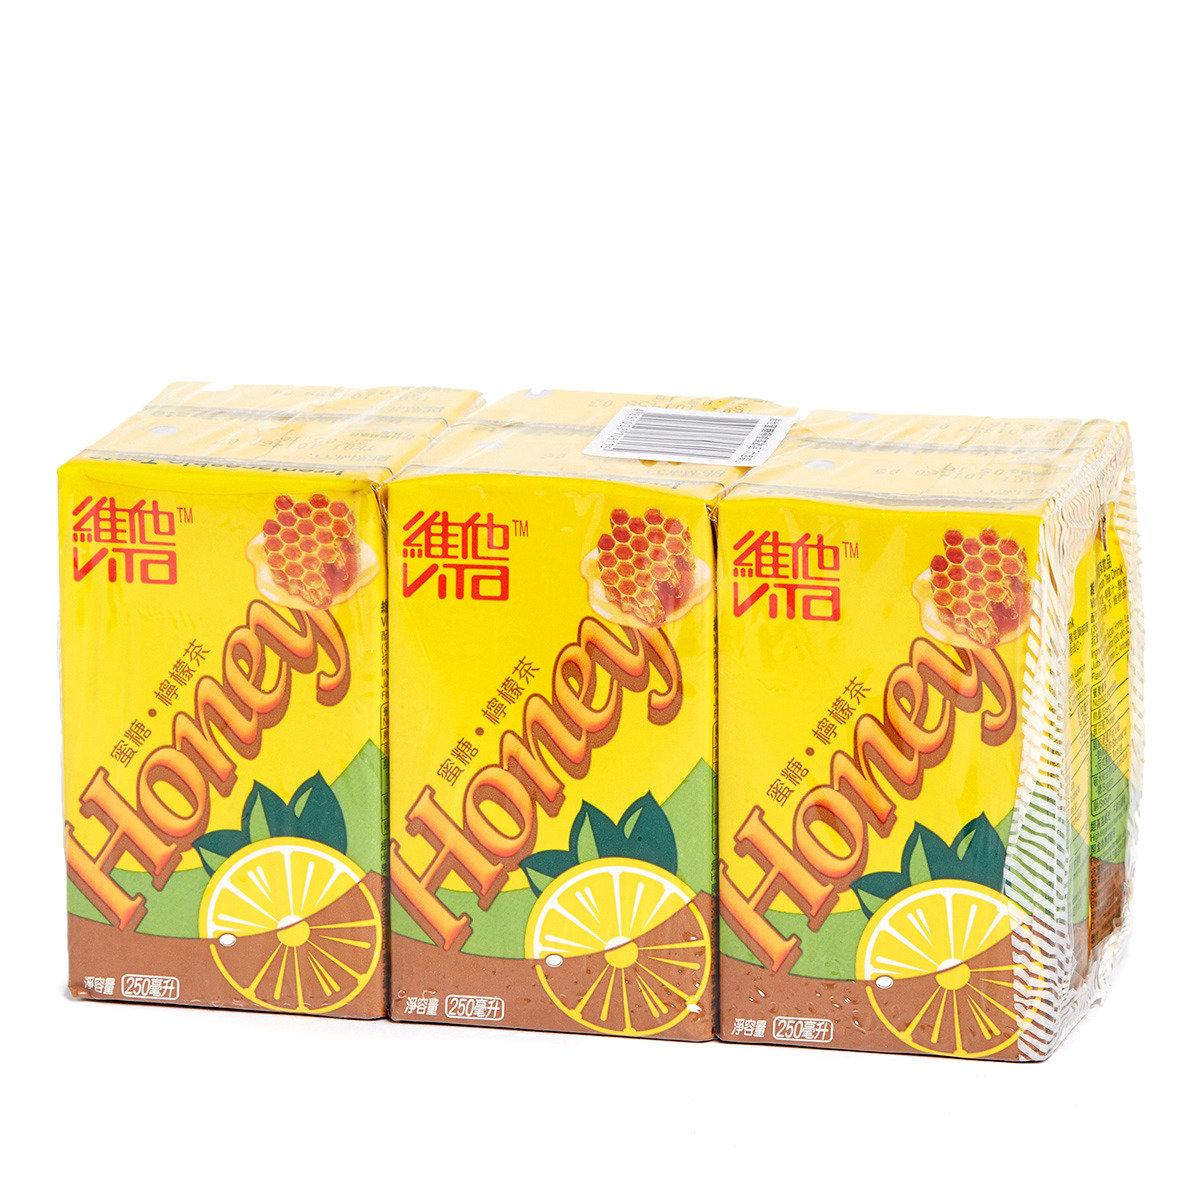 蜜糖檸檬茶